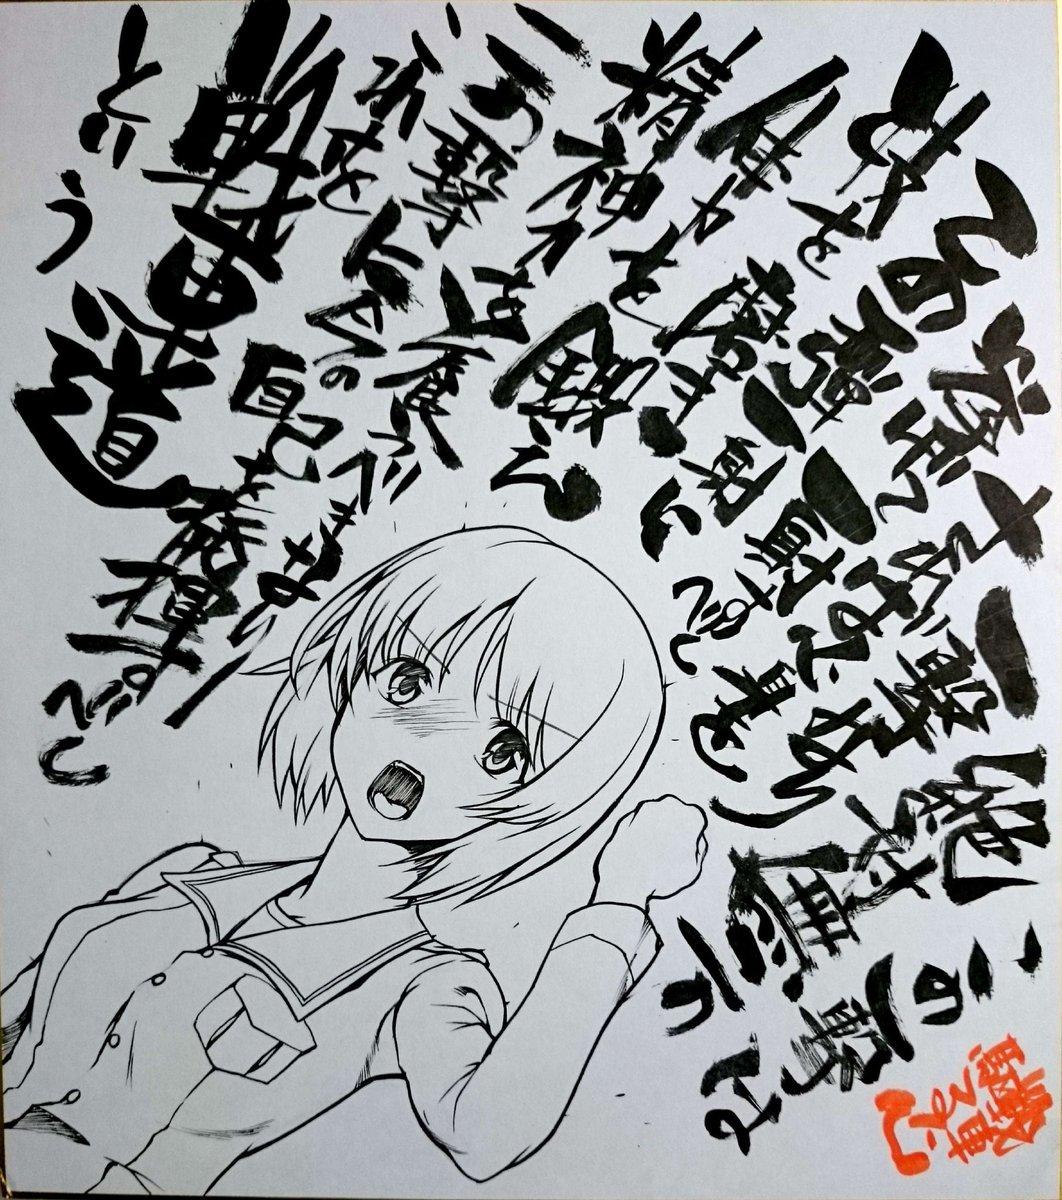 こんな感じの、文字も描いたりも、しま、す。ちな震災に負けるなのうしおととらはホンモノの藤田和日郎先生の絵ですだ